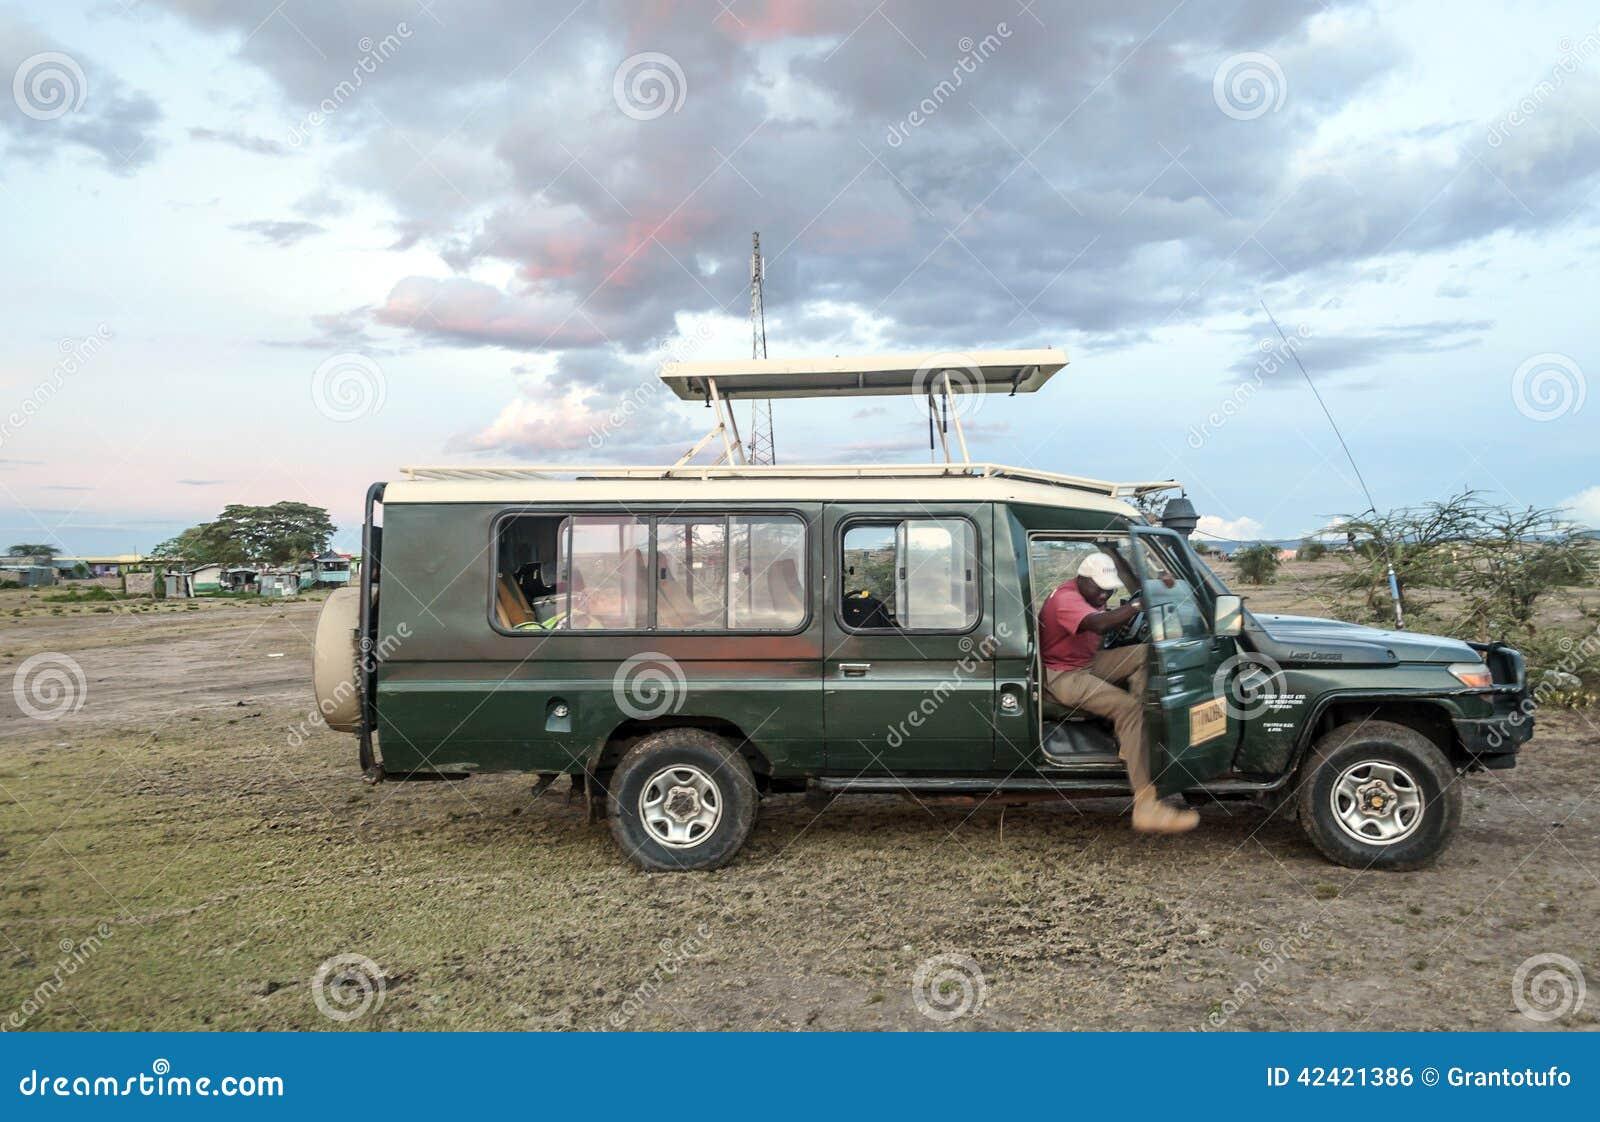 Car Prices Kenya